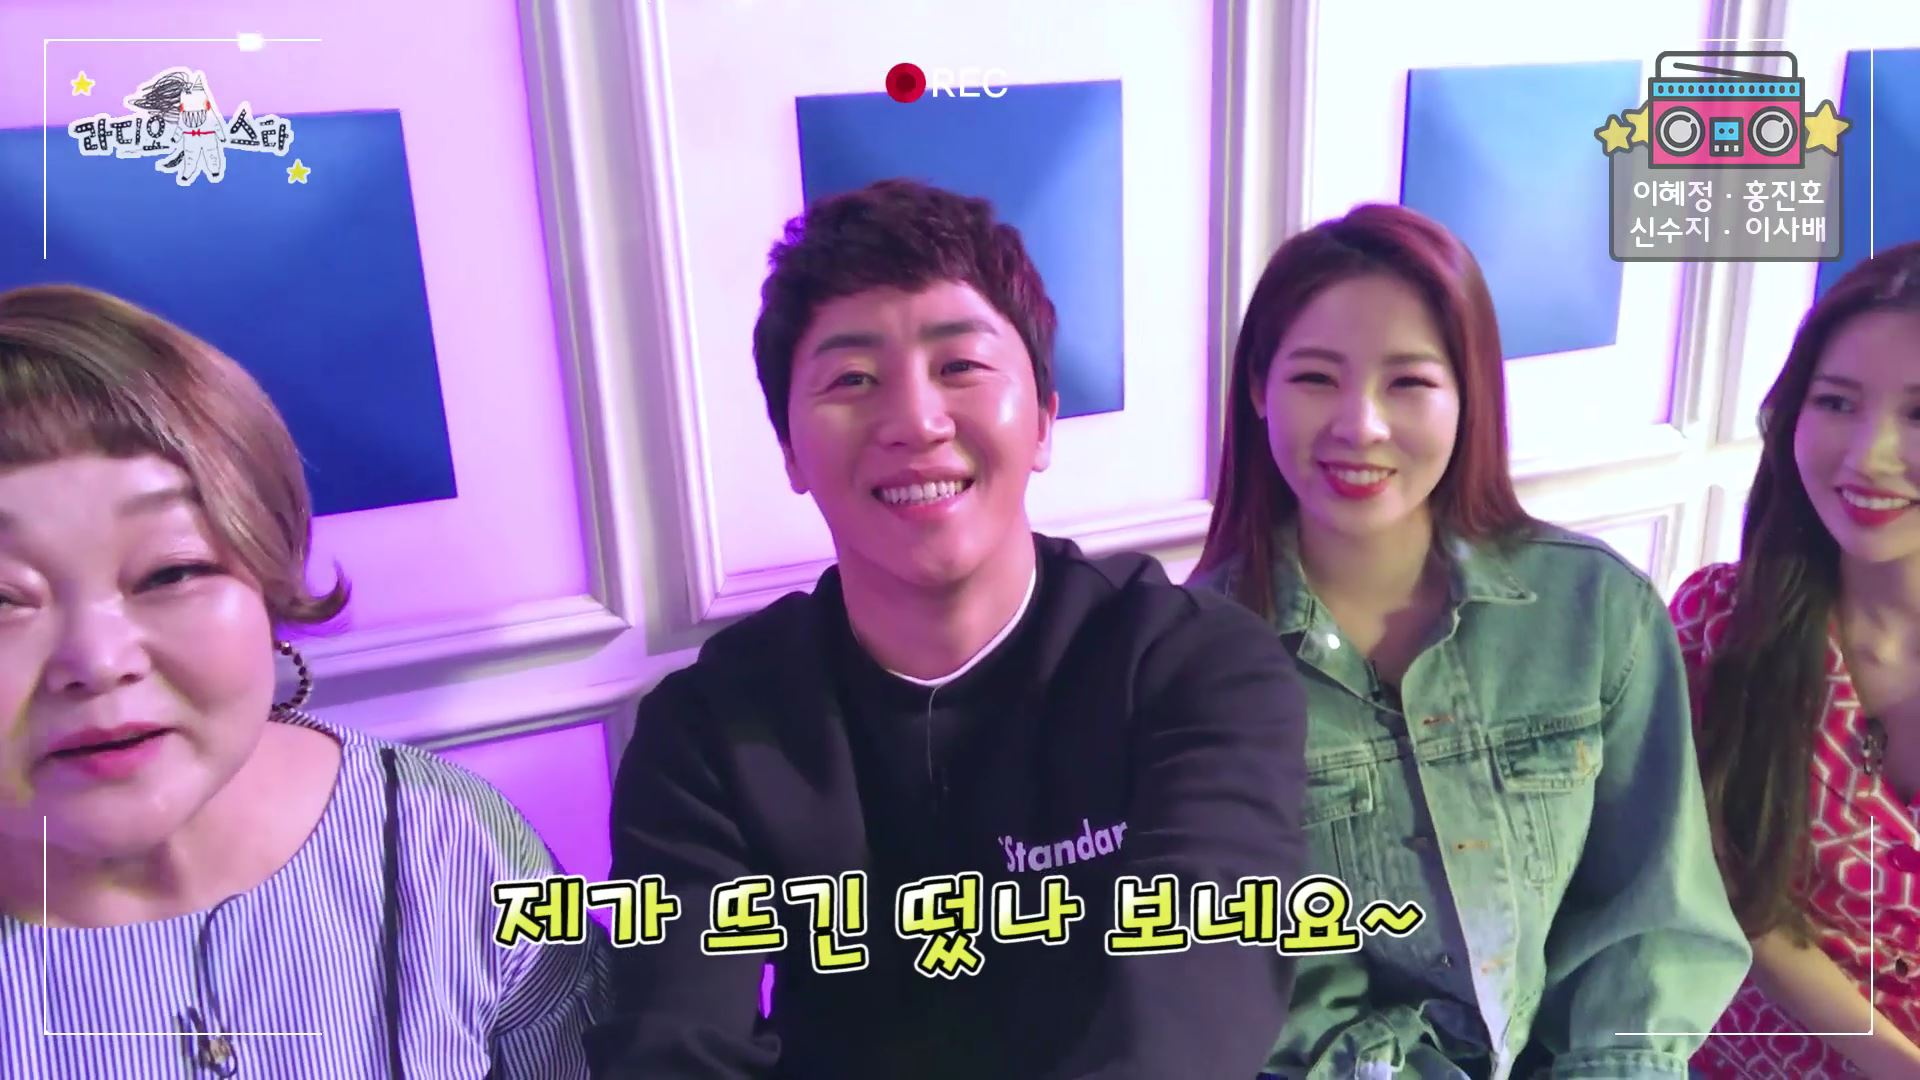 [셀프캠] '라디오스타' 이혜정-홍진호-신수지-이사배 출연! '방송 얼마나 재밌게요~?'